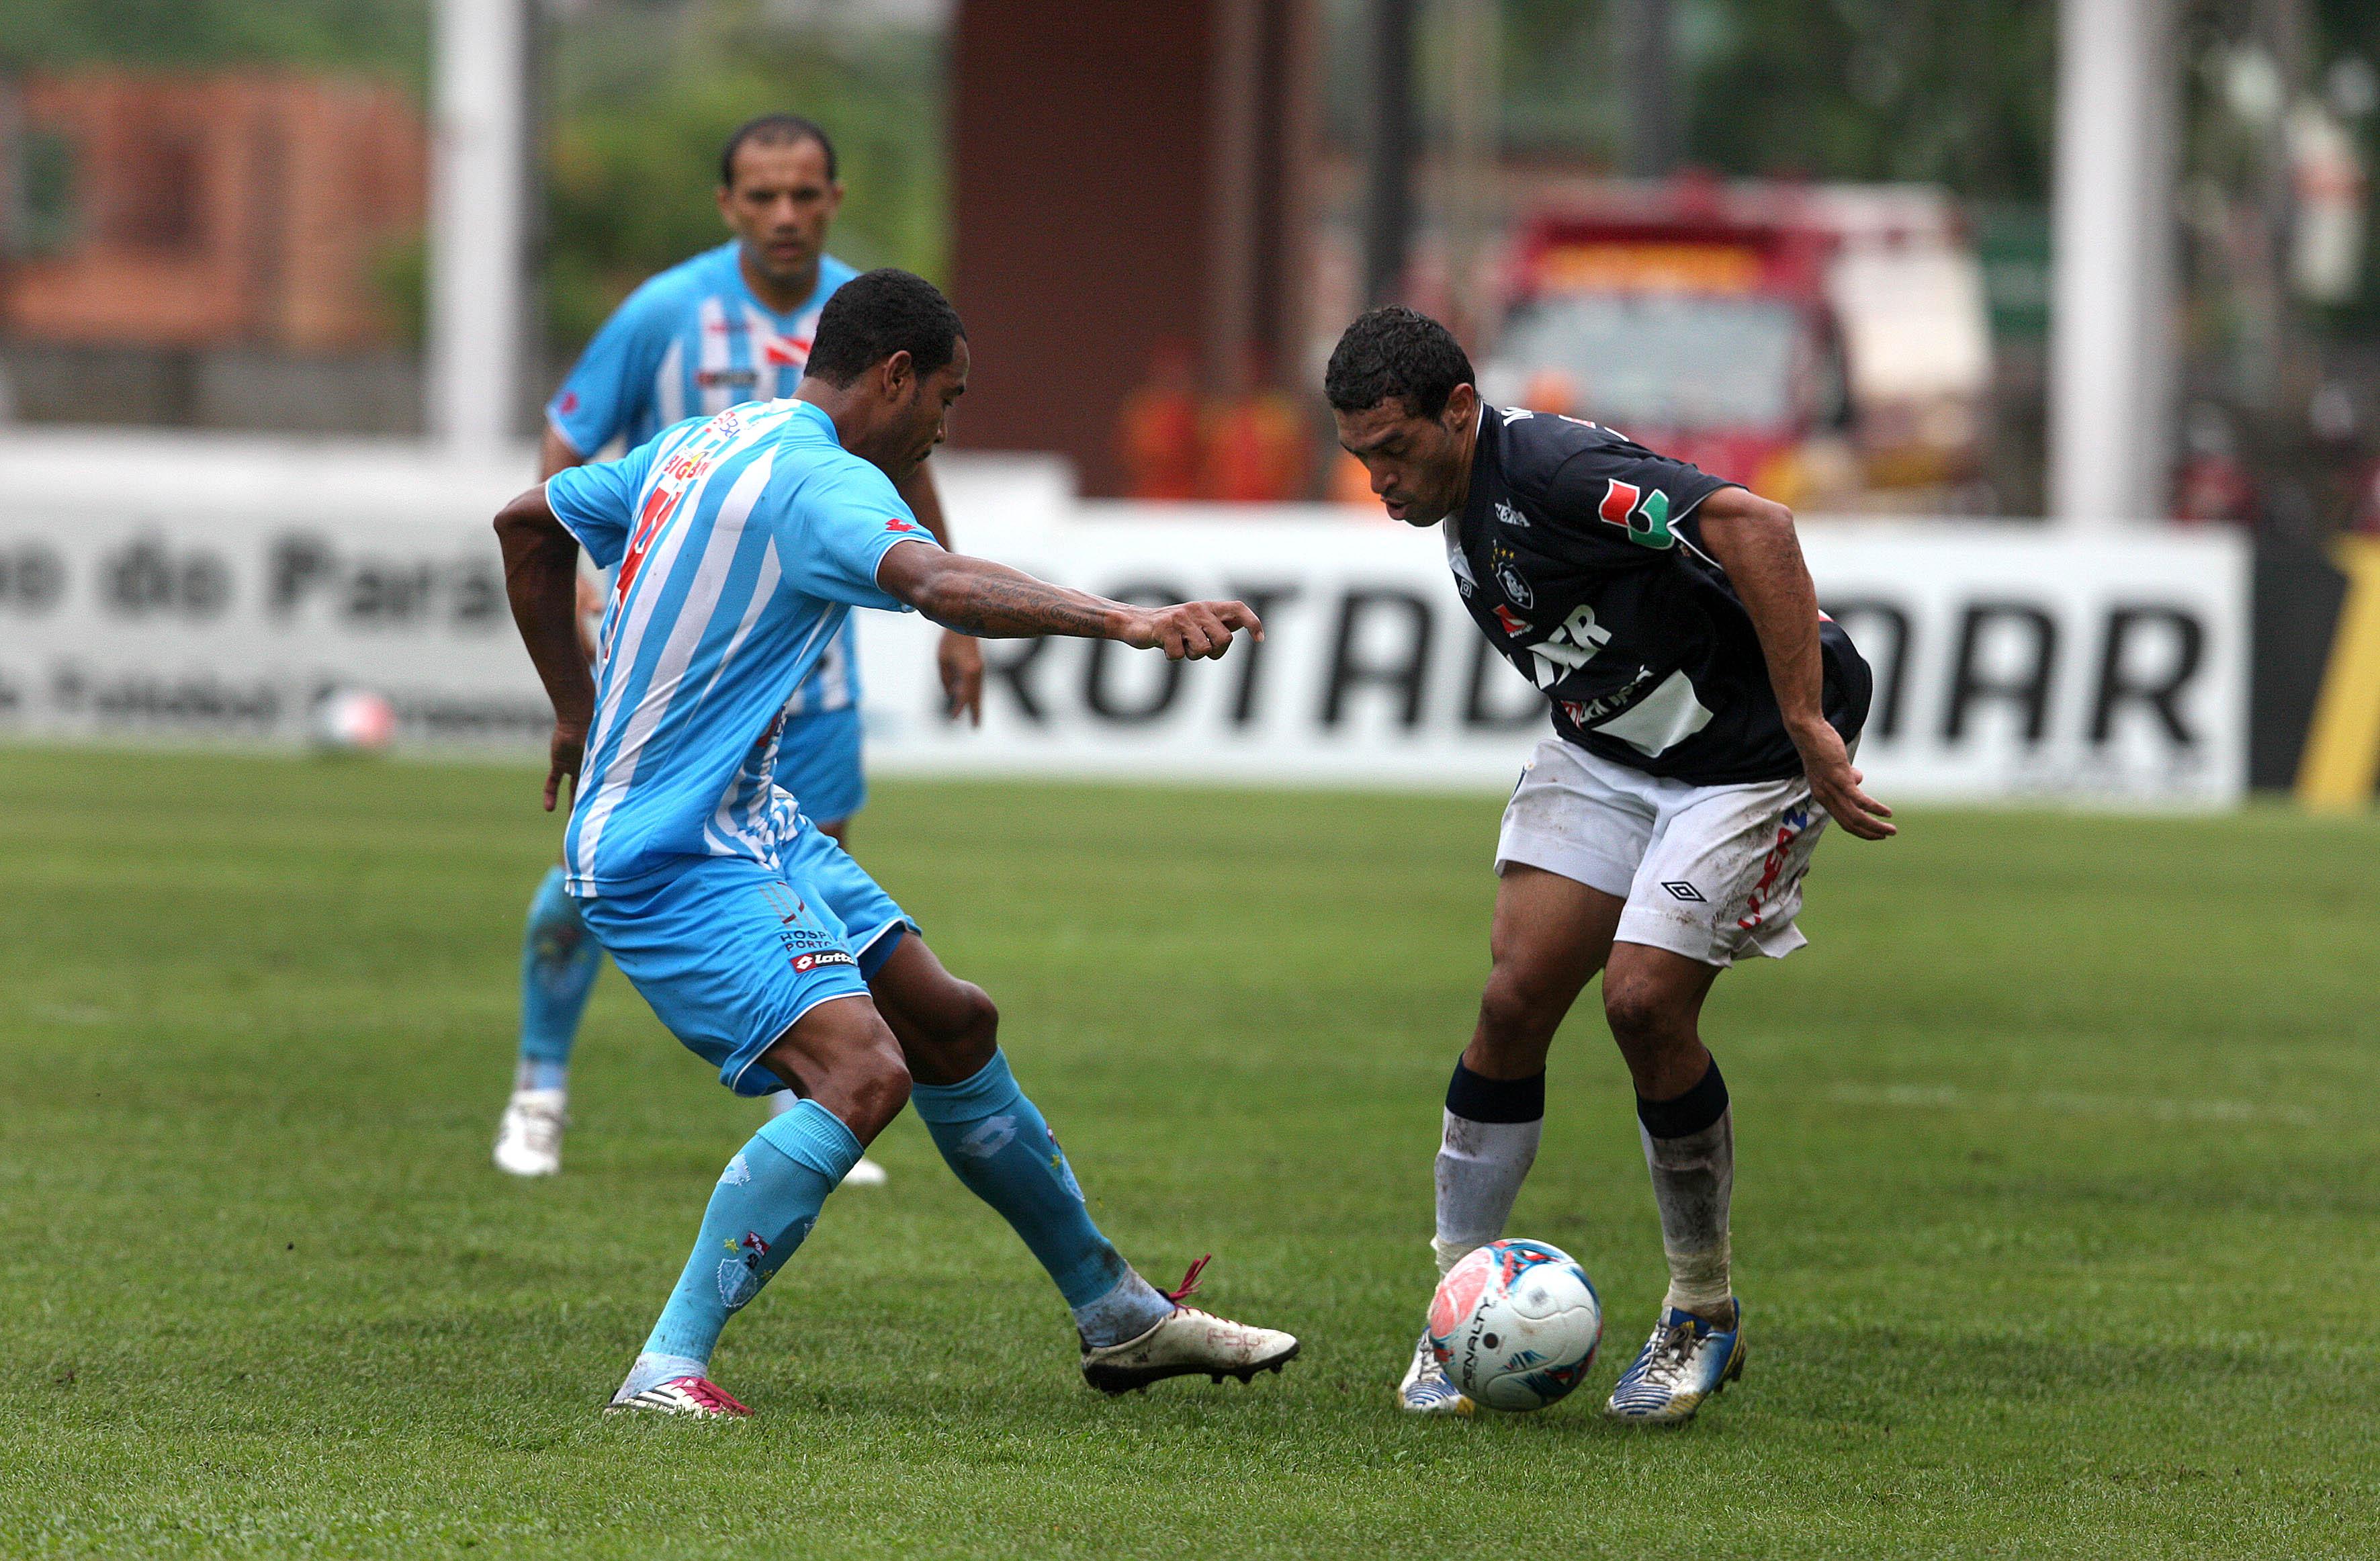 EBC | Remo derrota Paysandu por 2 a 1 pelo Campeonato Paraense